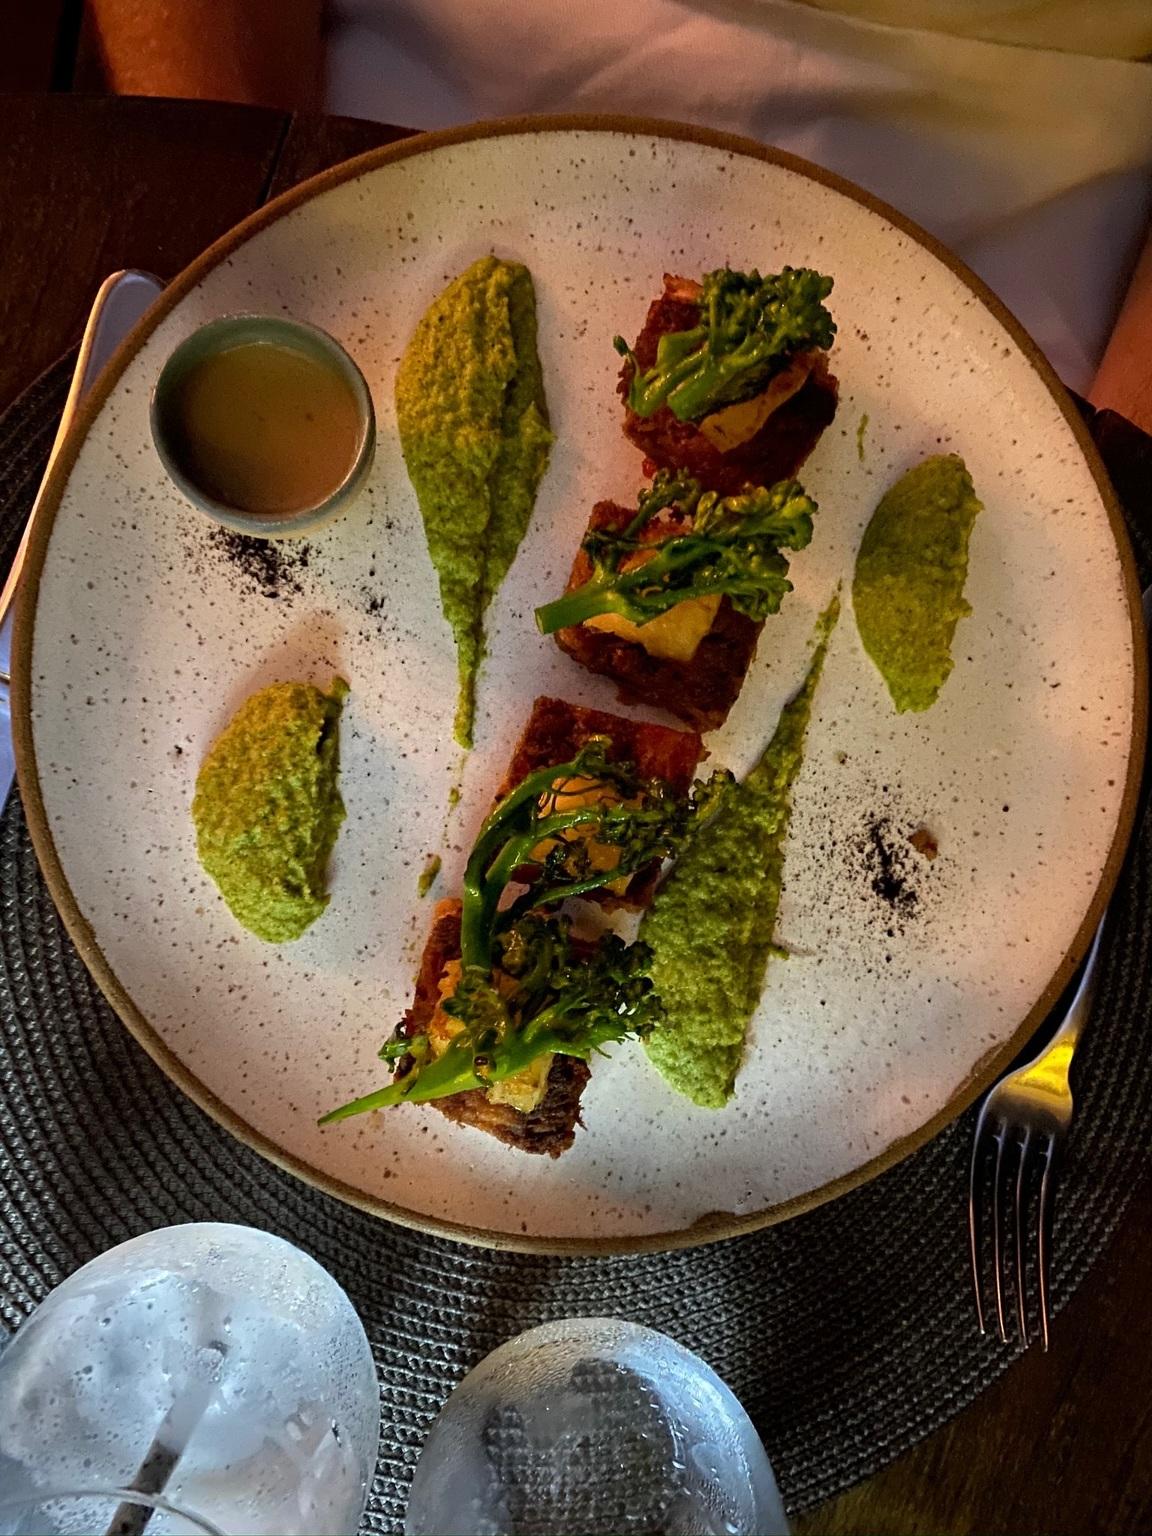 Mistico Sunset Lounge & Restaurant, Armação dos Búzios | Reviews, Photos,  Address, Phone Number | Foodle